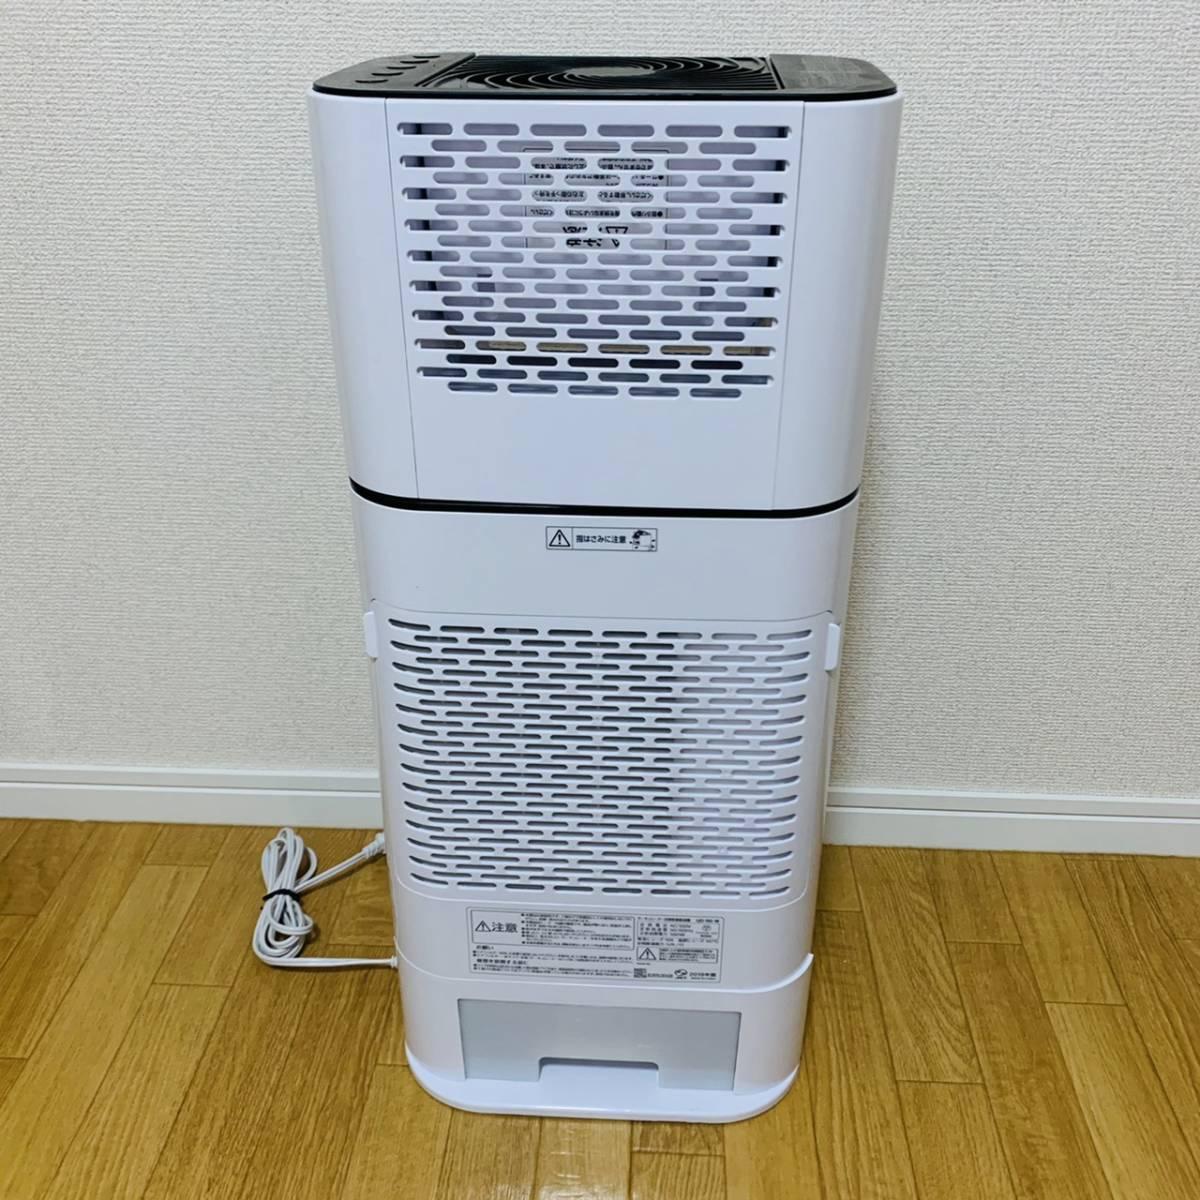 美品! アイリスオーヤマ IJD-I50 衣類乾燥除湿機 スピード乾燥 サーキュレーター機能付 デシカント式 ホワイト 扇風機 衣類乾燥機 送風_画像4